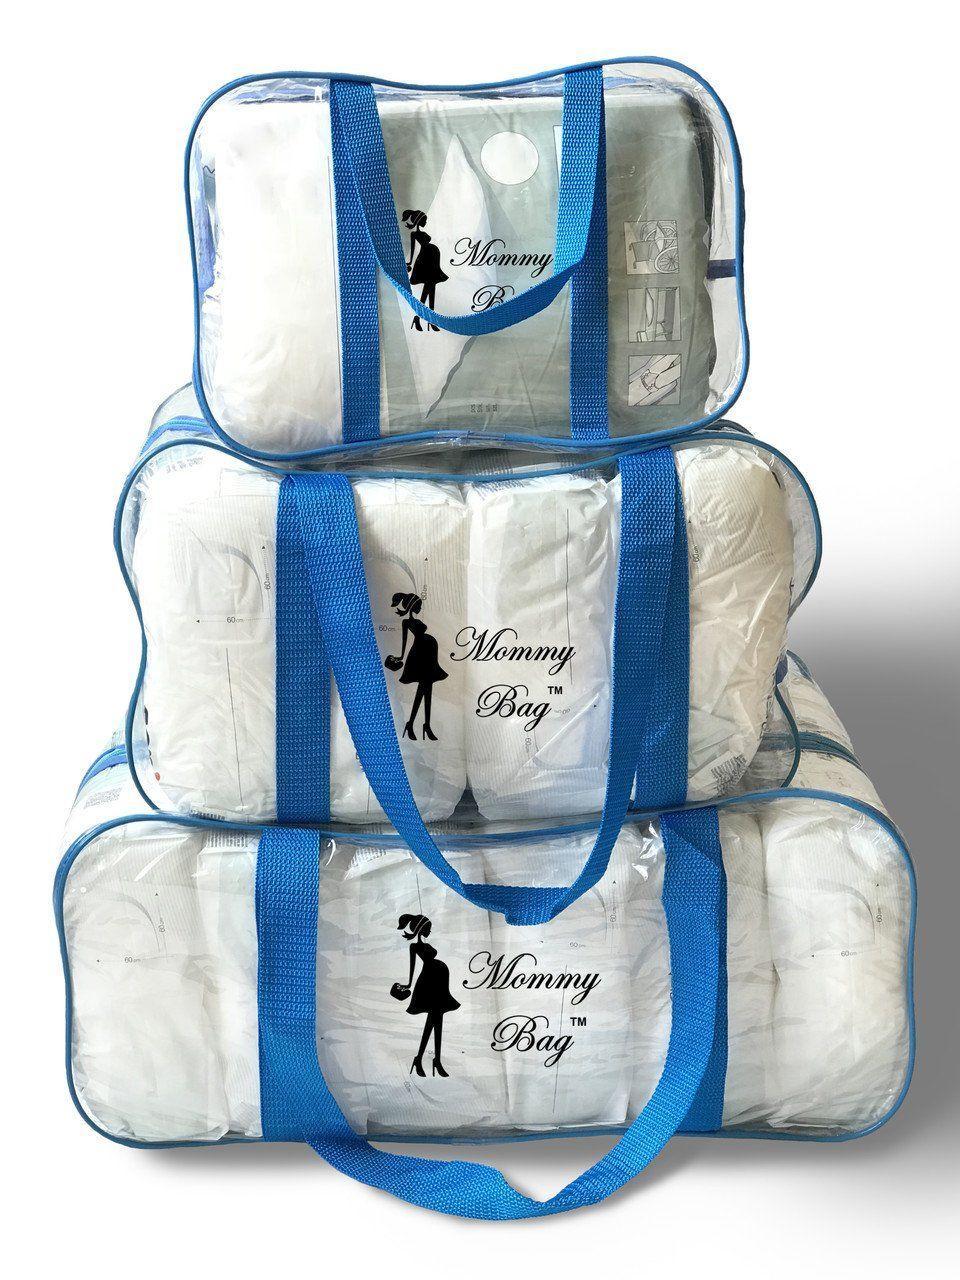 Набор из прозрачных сумок в роддом Mommy Bag, размеры - S, M, L, цвет - Синий